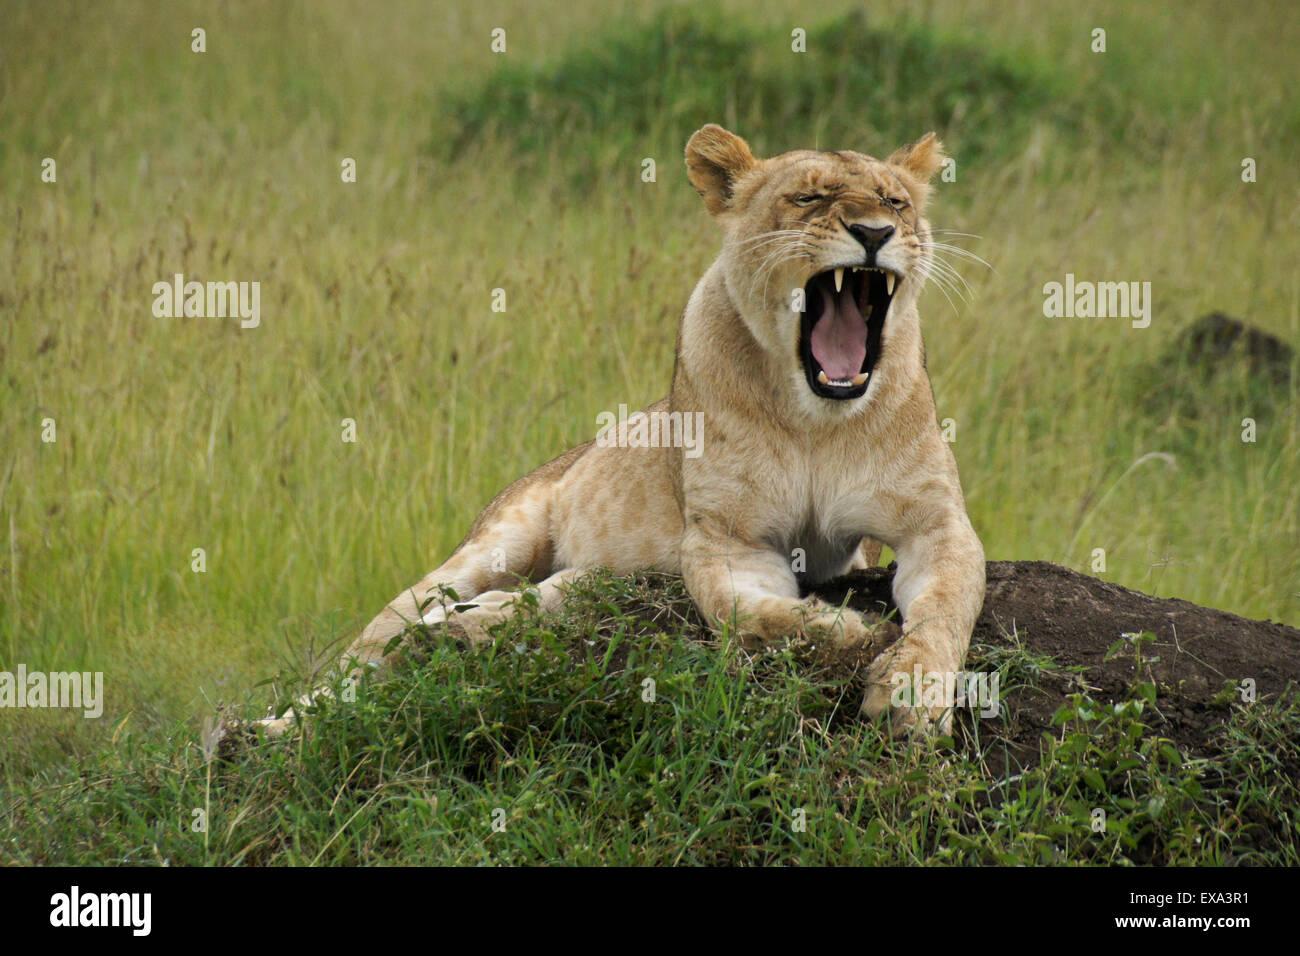 Lioness yawning on top of termite mound, Masai Mara, Kenya - Stock Image